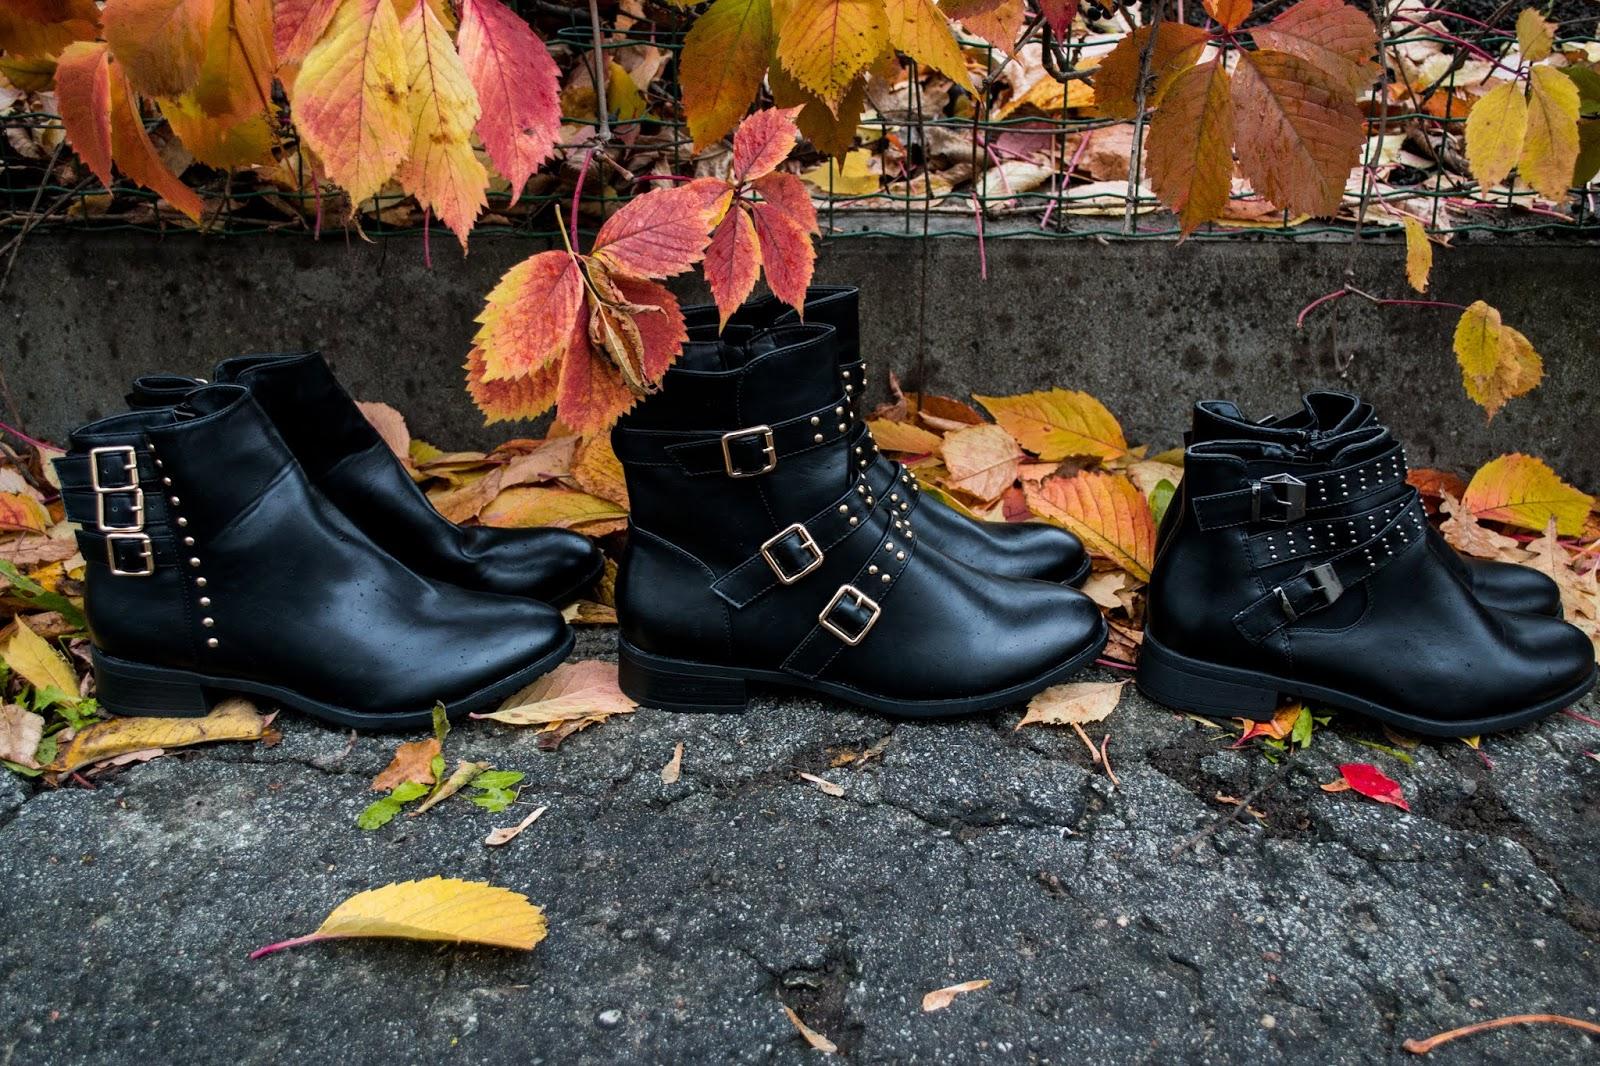 656e06a4710 ... kui eelistate sügavamat ja rikkalikumat värvi. Saapad on jällegi  kingadkotid.ee-st. Mulle hakkasid nii meeldima eelmised talvesaapad, et  otsustasin ...